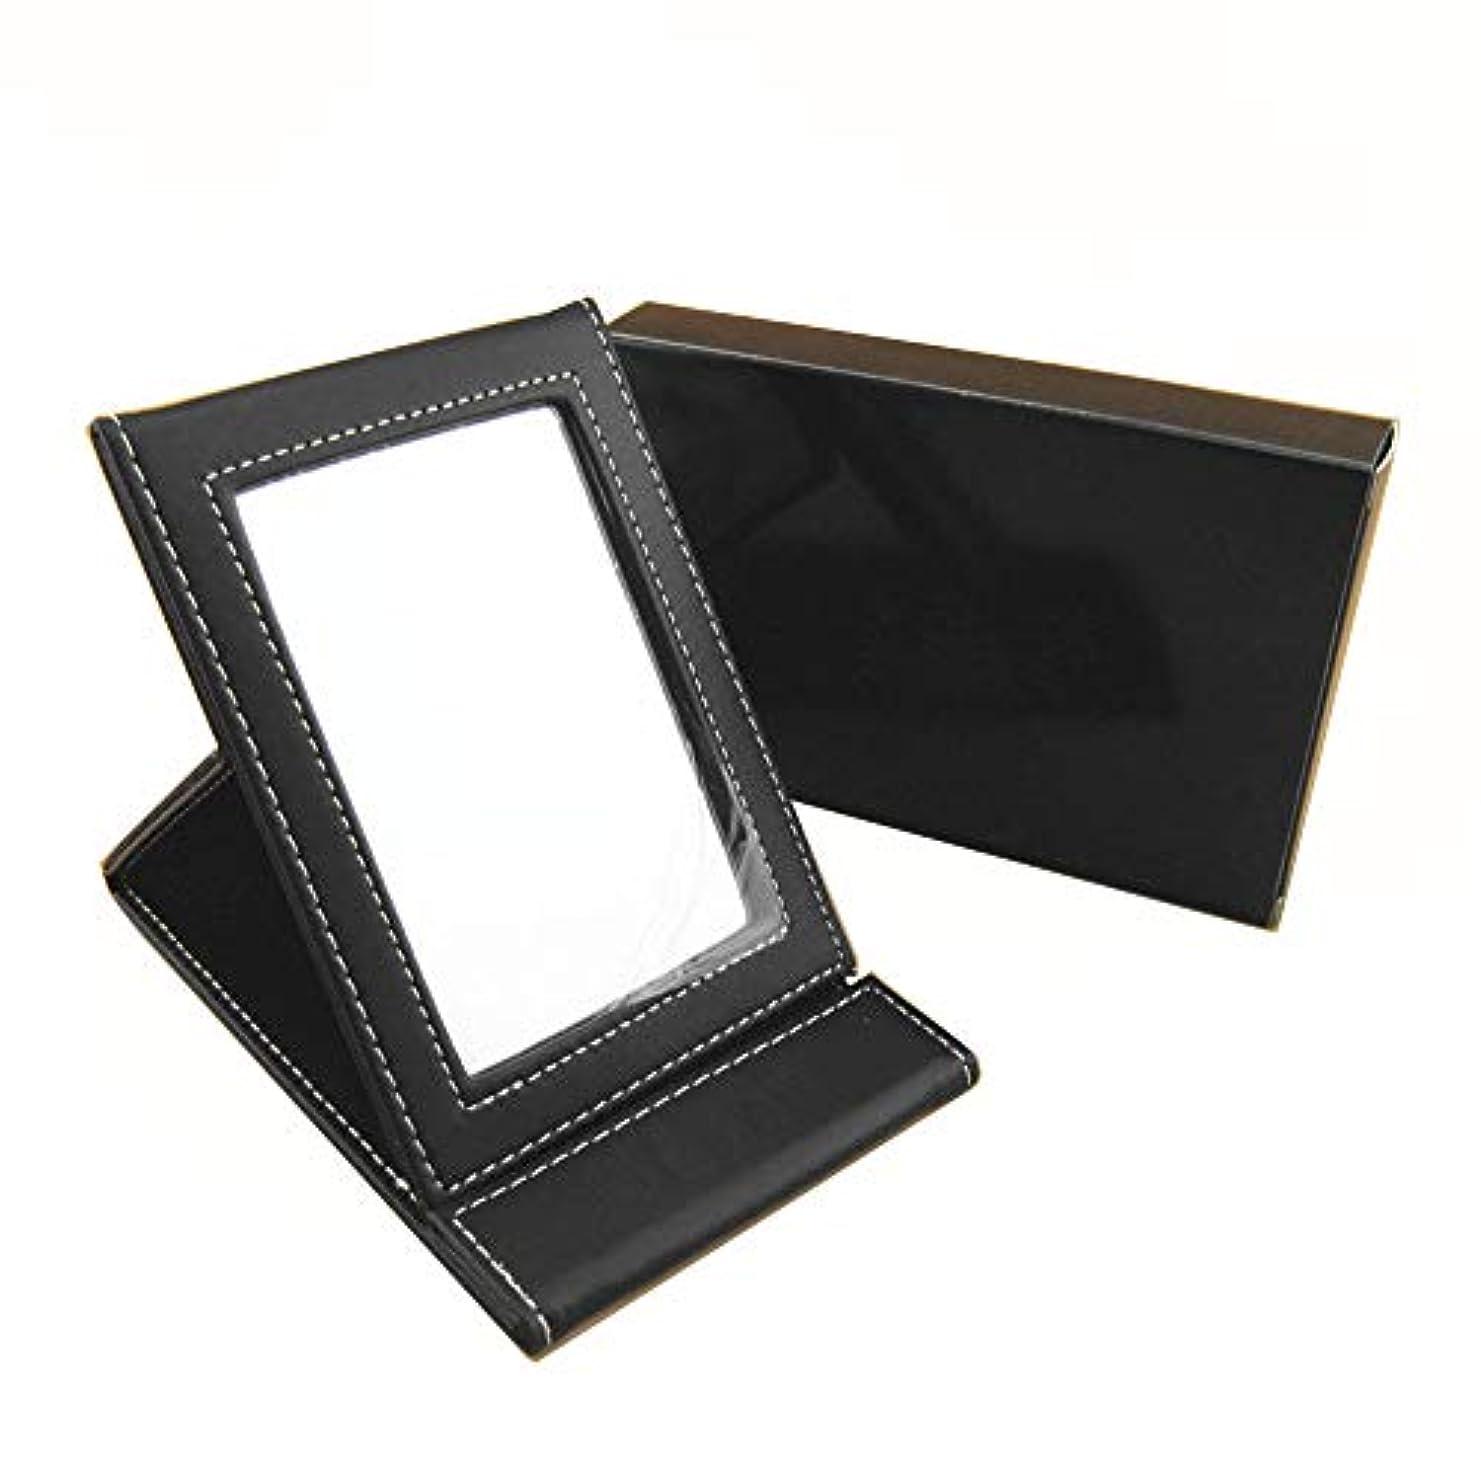 抑止する面白い決めますCikoume 化粧鏡 折り畳み鏡 デスクトップ ミラー 携帯 A4サイズ 卓上 鏡 上質PUレザー使用 【ブラック】